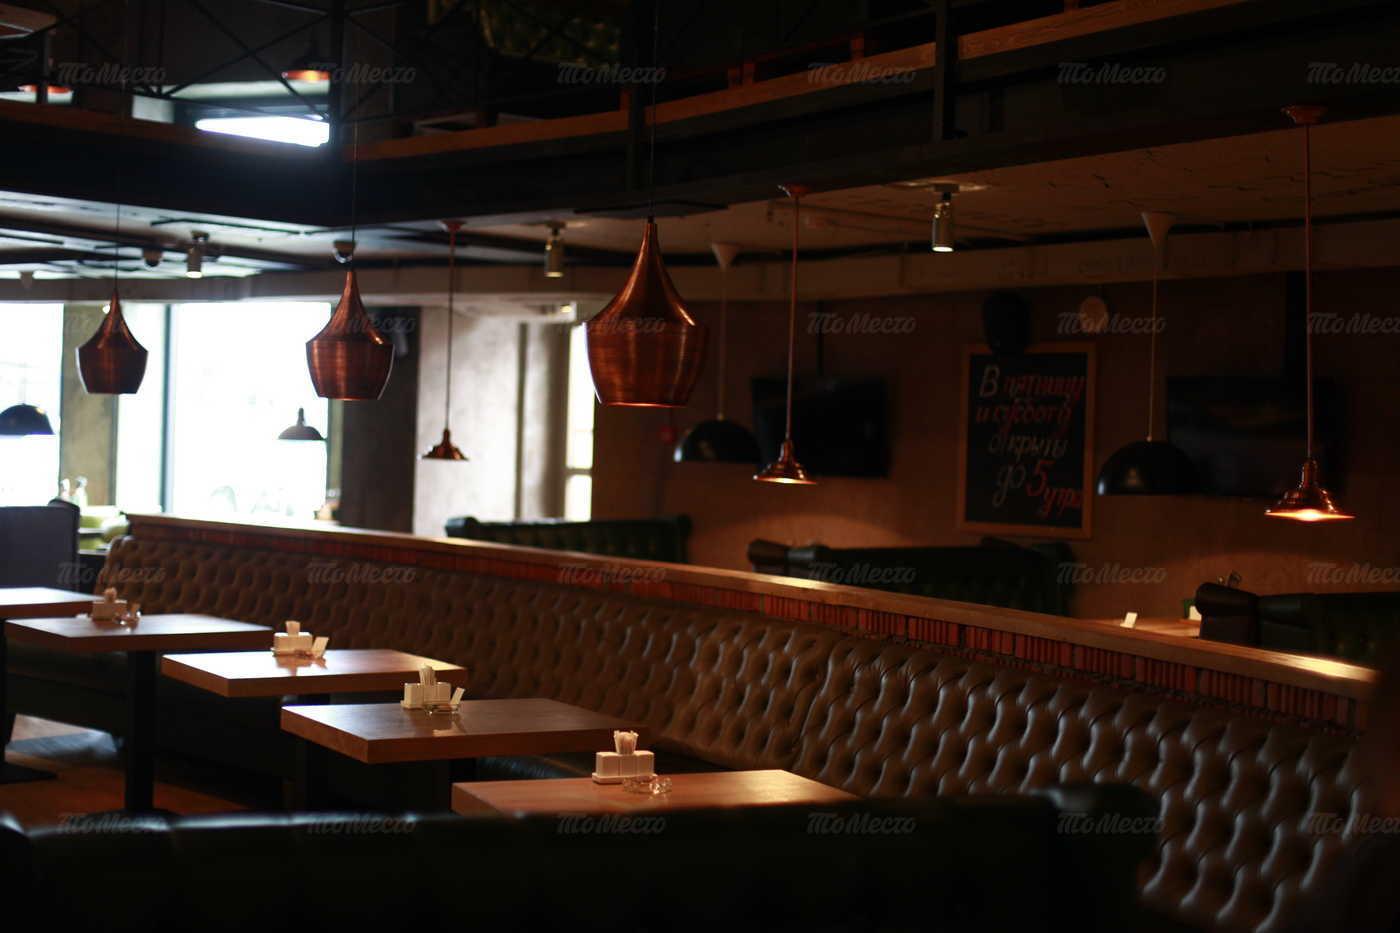 Меню кафе, пивного ресторана Брудер (Bruder) в Нижегородской